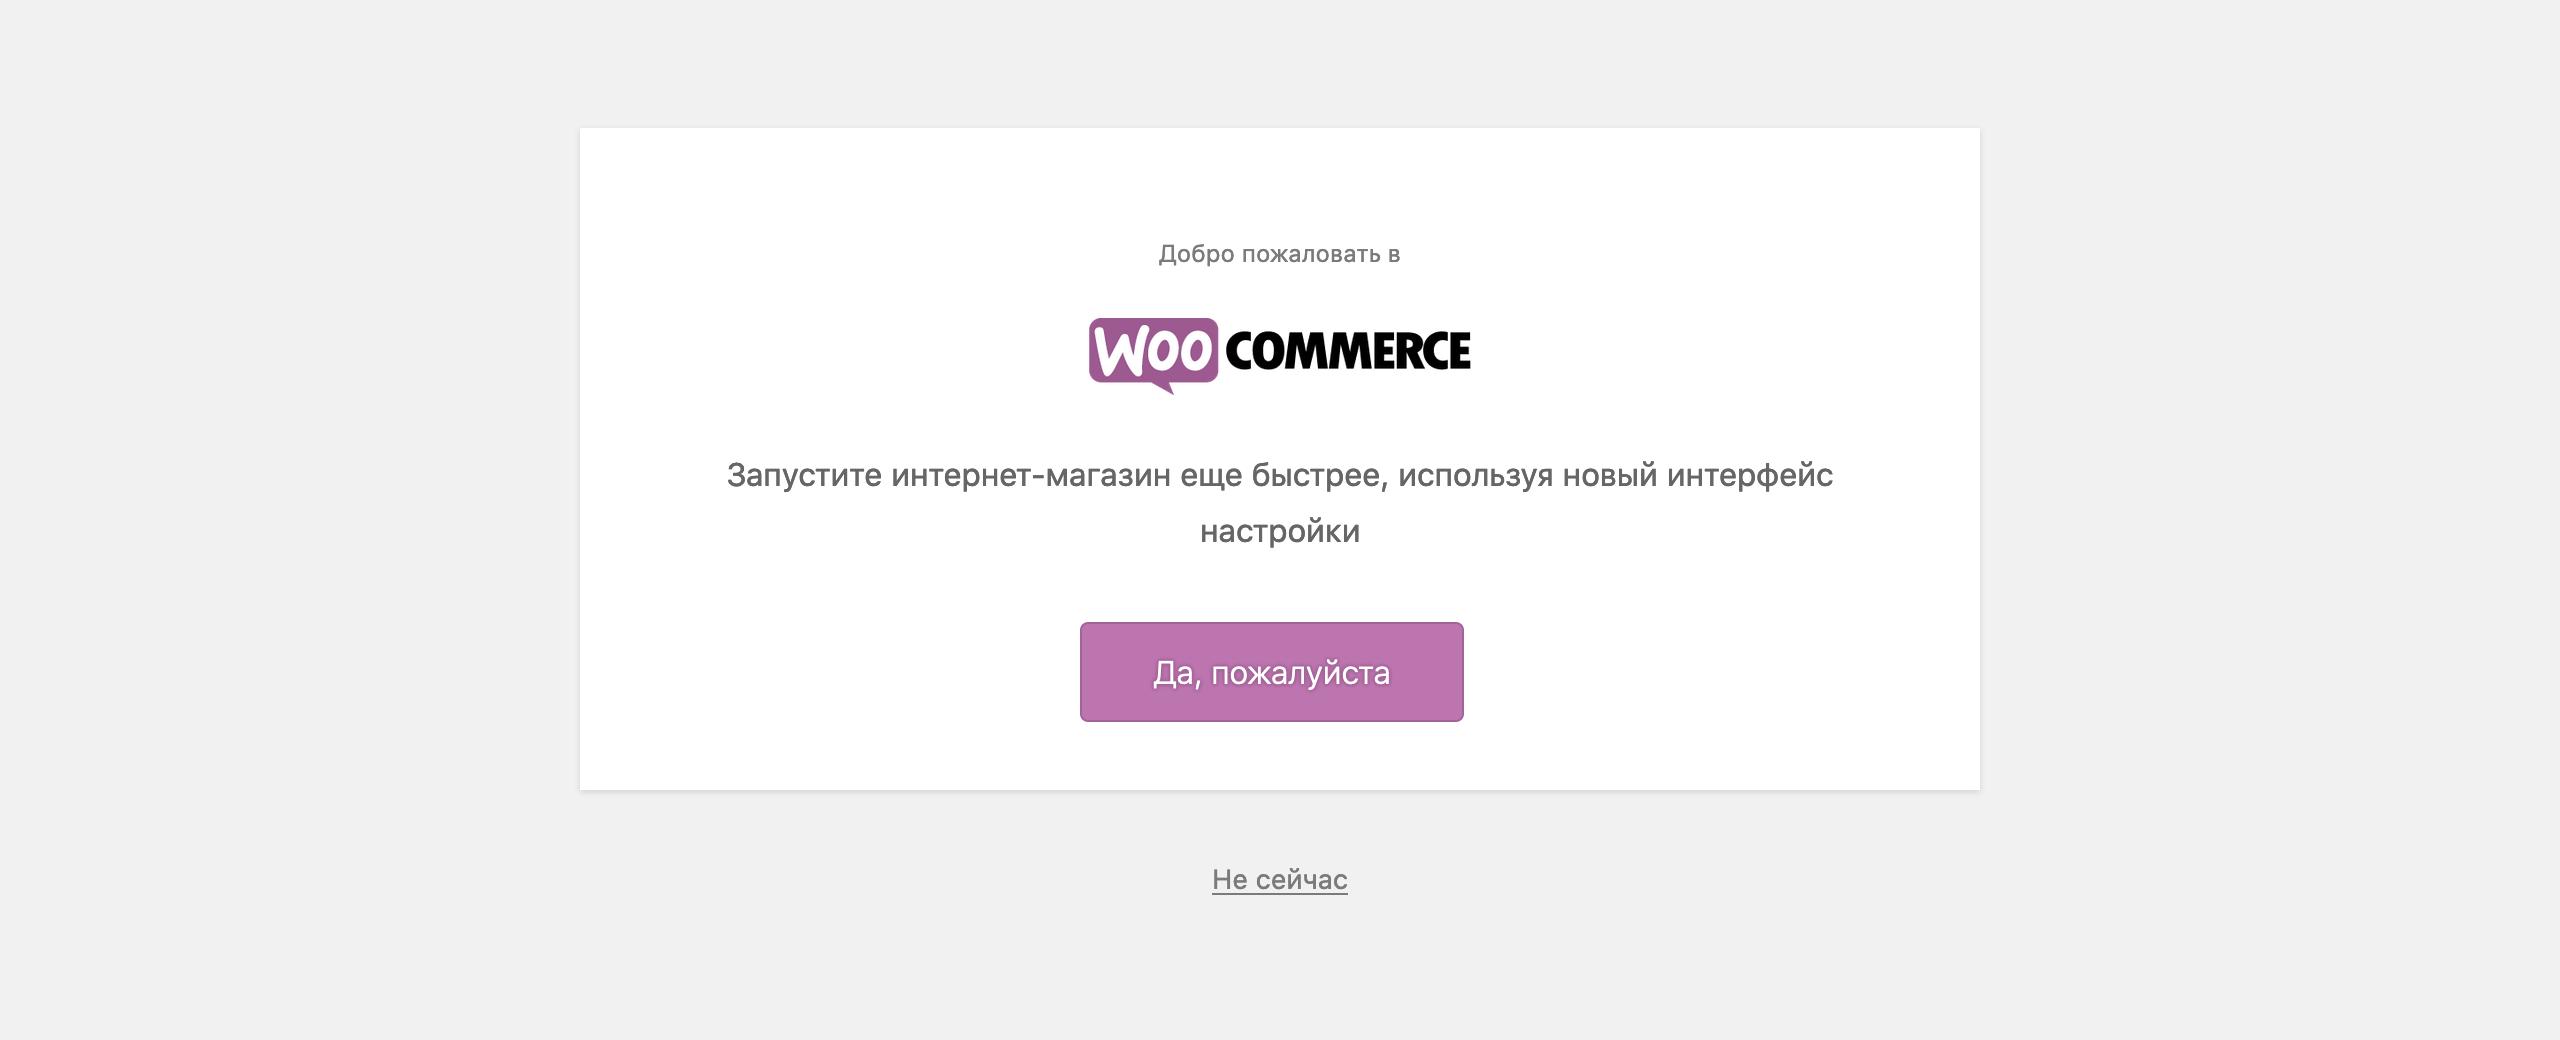 WooCommerce инструкция: приветственная страница мастера по настройке магазина